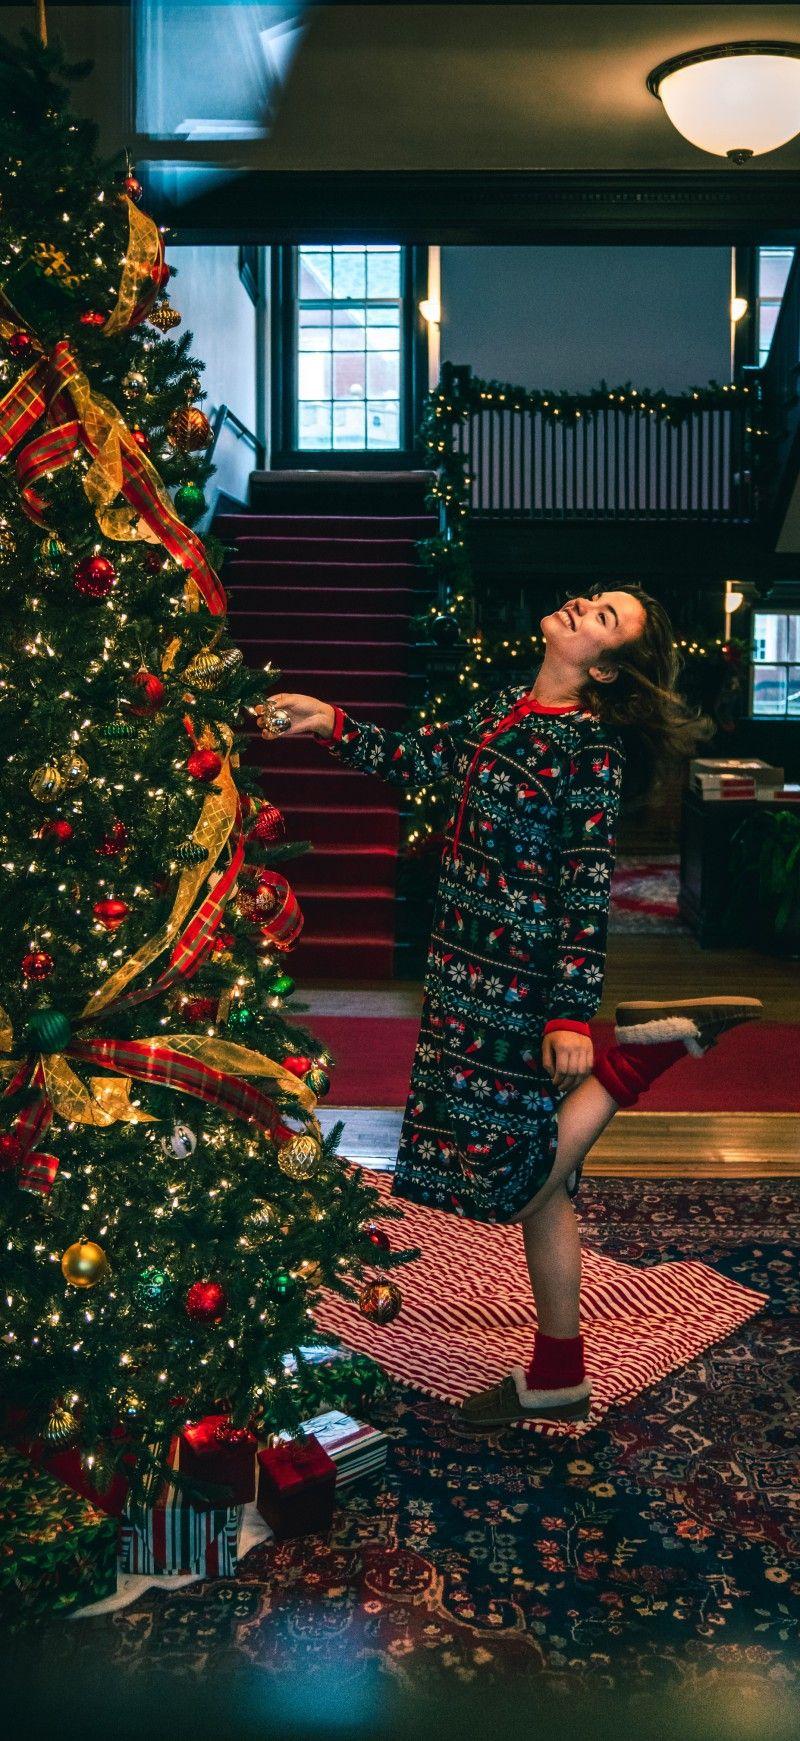 크리스마스 아이폰 고화질 배경화면 네이버 블로그 크리스마스 배경화면 배경화면 크리스마스